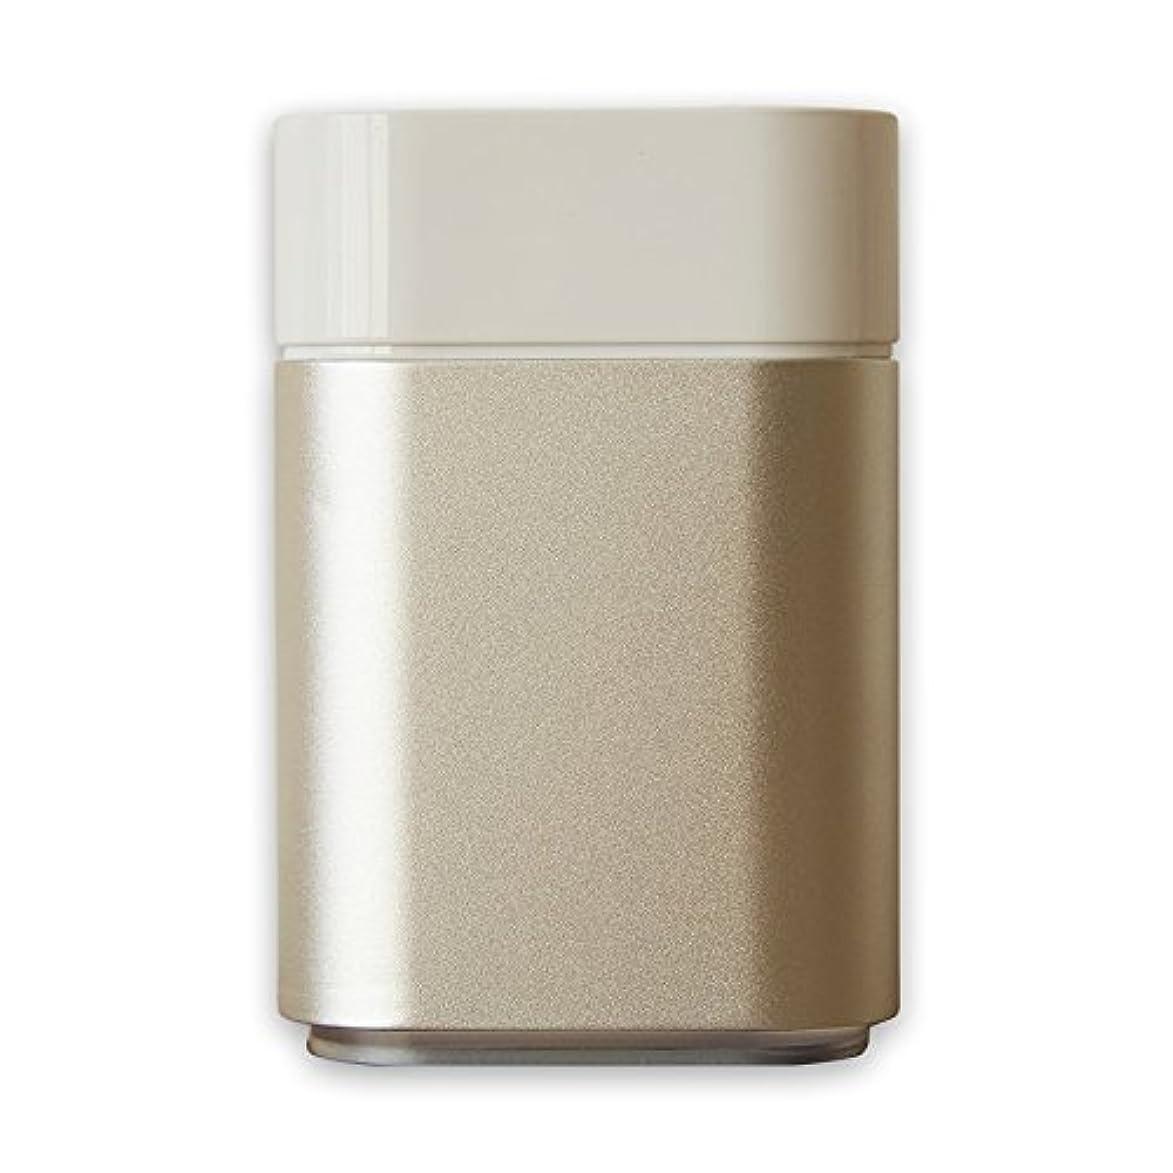 ウィザード松明バルコニーアロマディフューザー UR-AROMA04 卓上 小型 Uruon(ウルオン)水を使わない アロマ ネブライザー式 水なし ダイレクトオイル 製油瓶直噴式 超音波式 USB 卓上 油性 水性 静音 アロマオイル